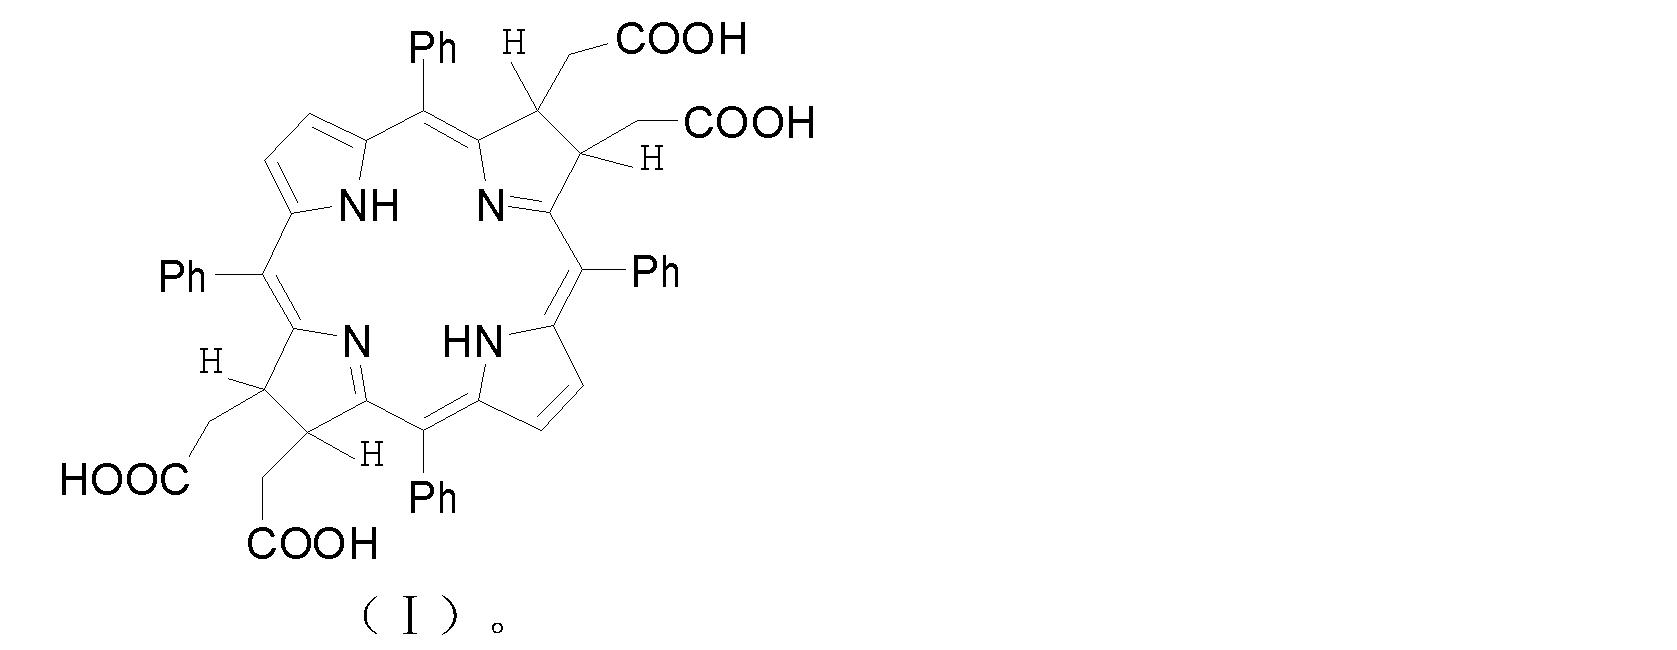 该化合物的化学结构式如式